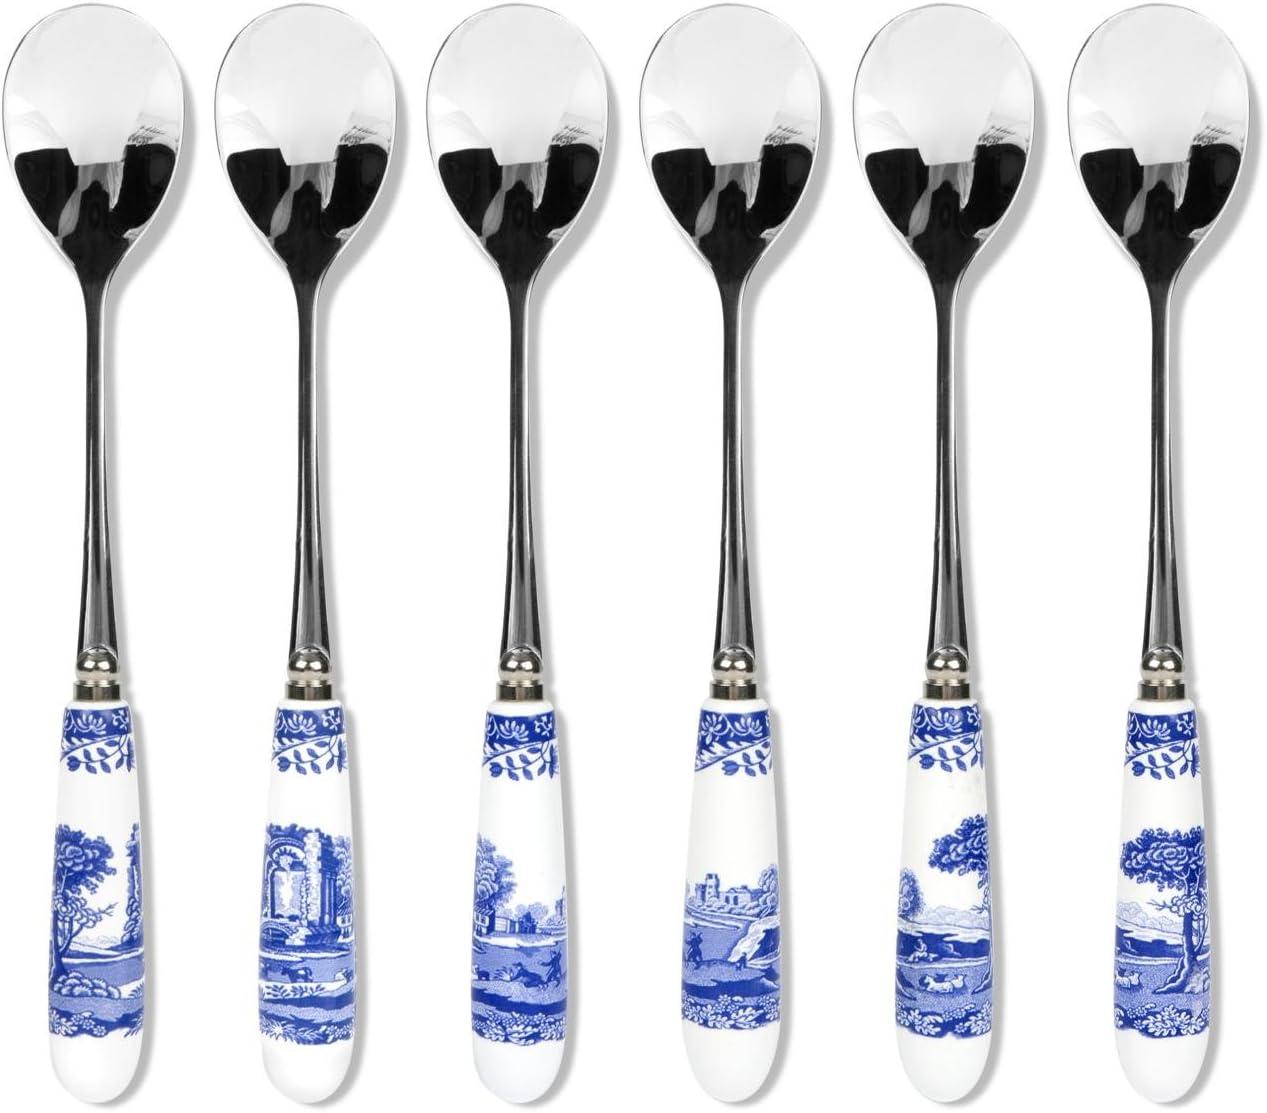 Blue Italian 15/cm porcelana y cucharas de t/é de acero inoxidable 6/unidades color azul y blanco dise/ño floral